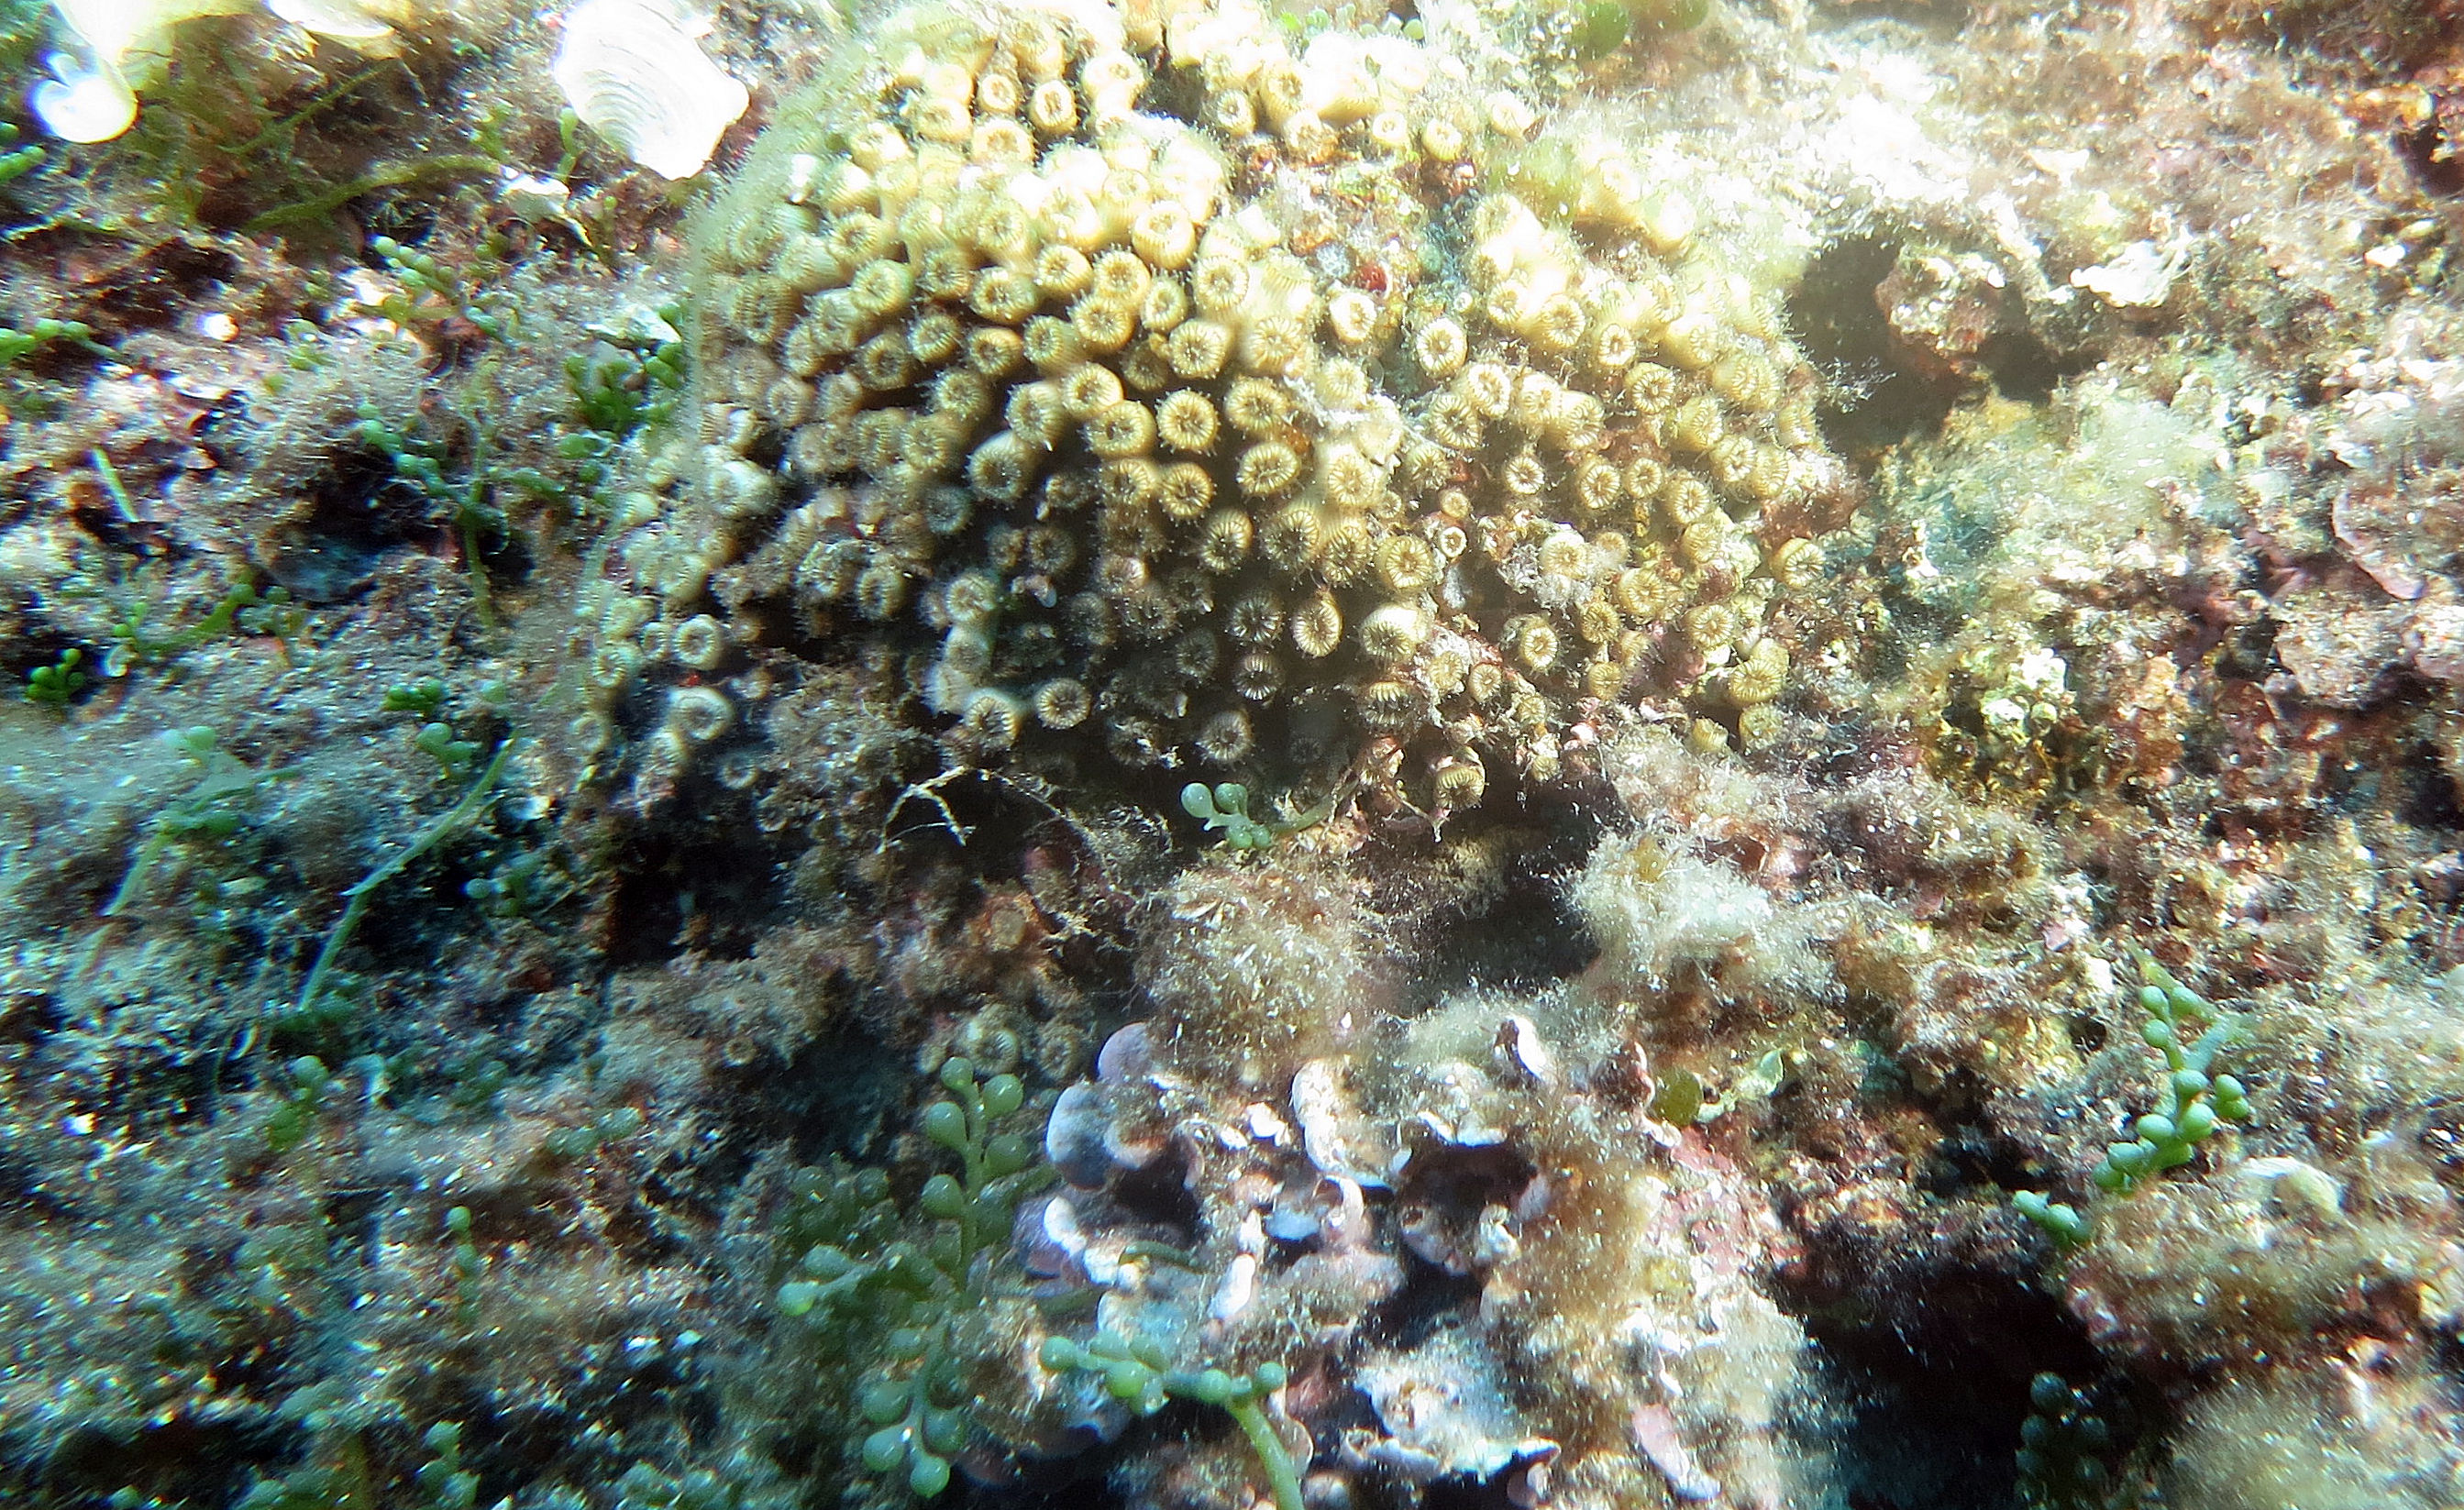 Scoperto un fenomeno di rigenerazione nei coralli mediterranei. Una speranza per il futuro? di Andrea Mucedola